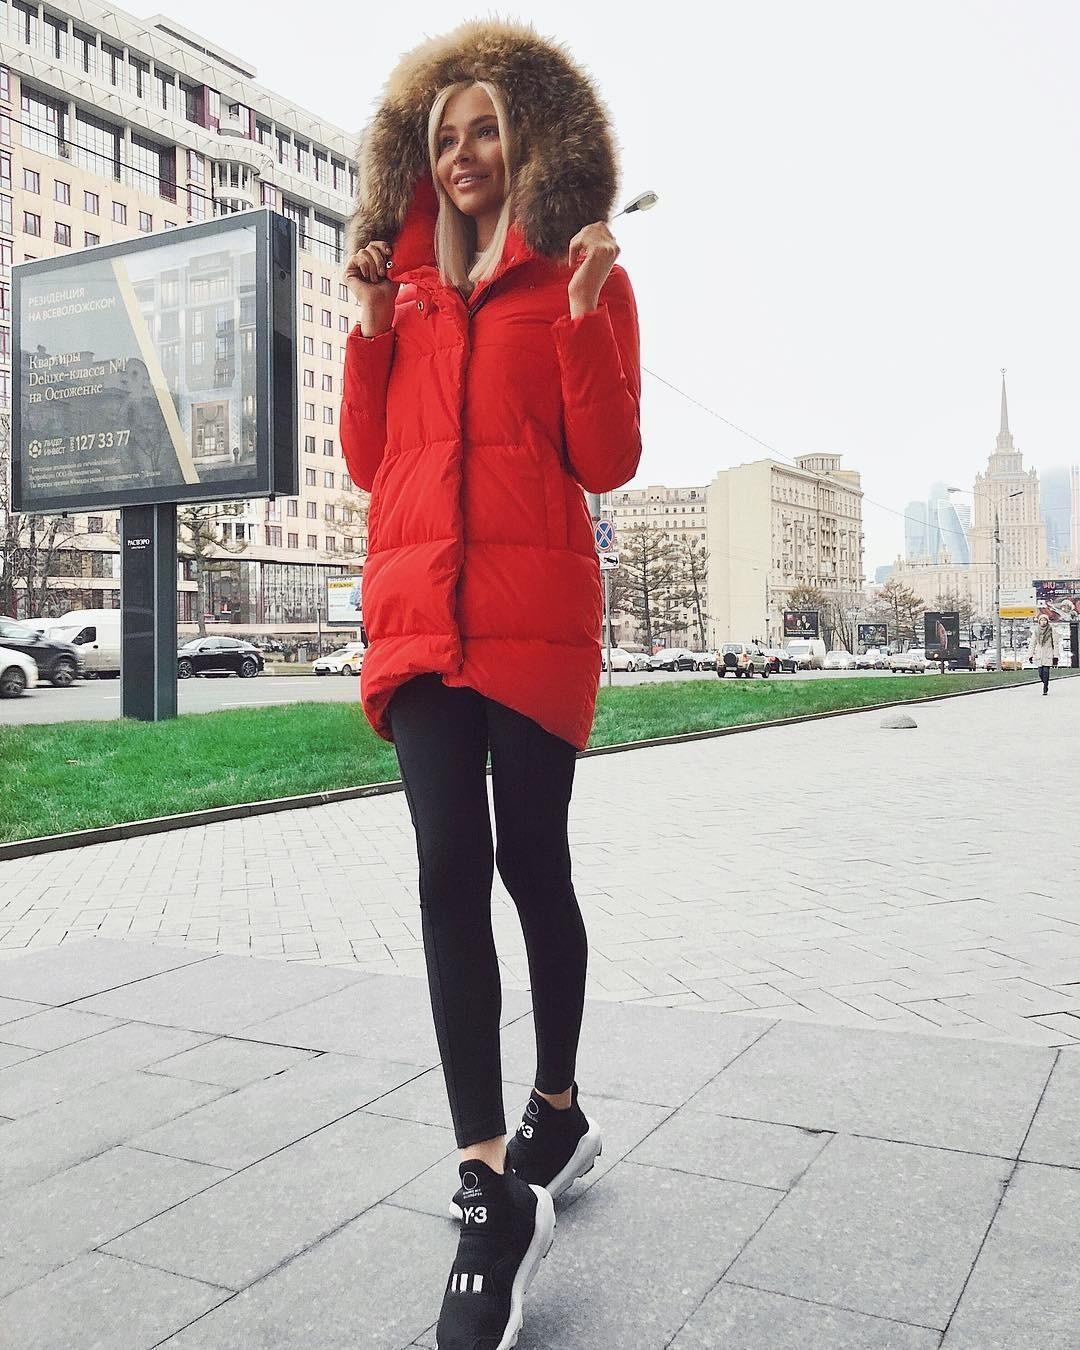 Бывшая девушка Тимати, Алена Шишкова, себе не изменяет: она выбрала яркий, сочного красного цвета пуховик, идеально сидящий по фигуре и украшенный дорогим мехом. Алена имеет потрясающую с...